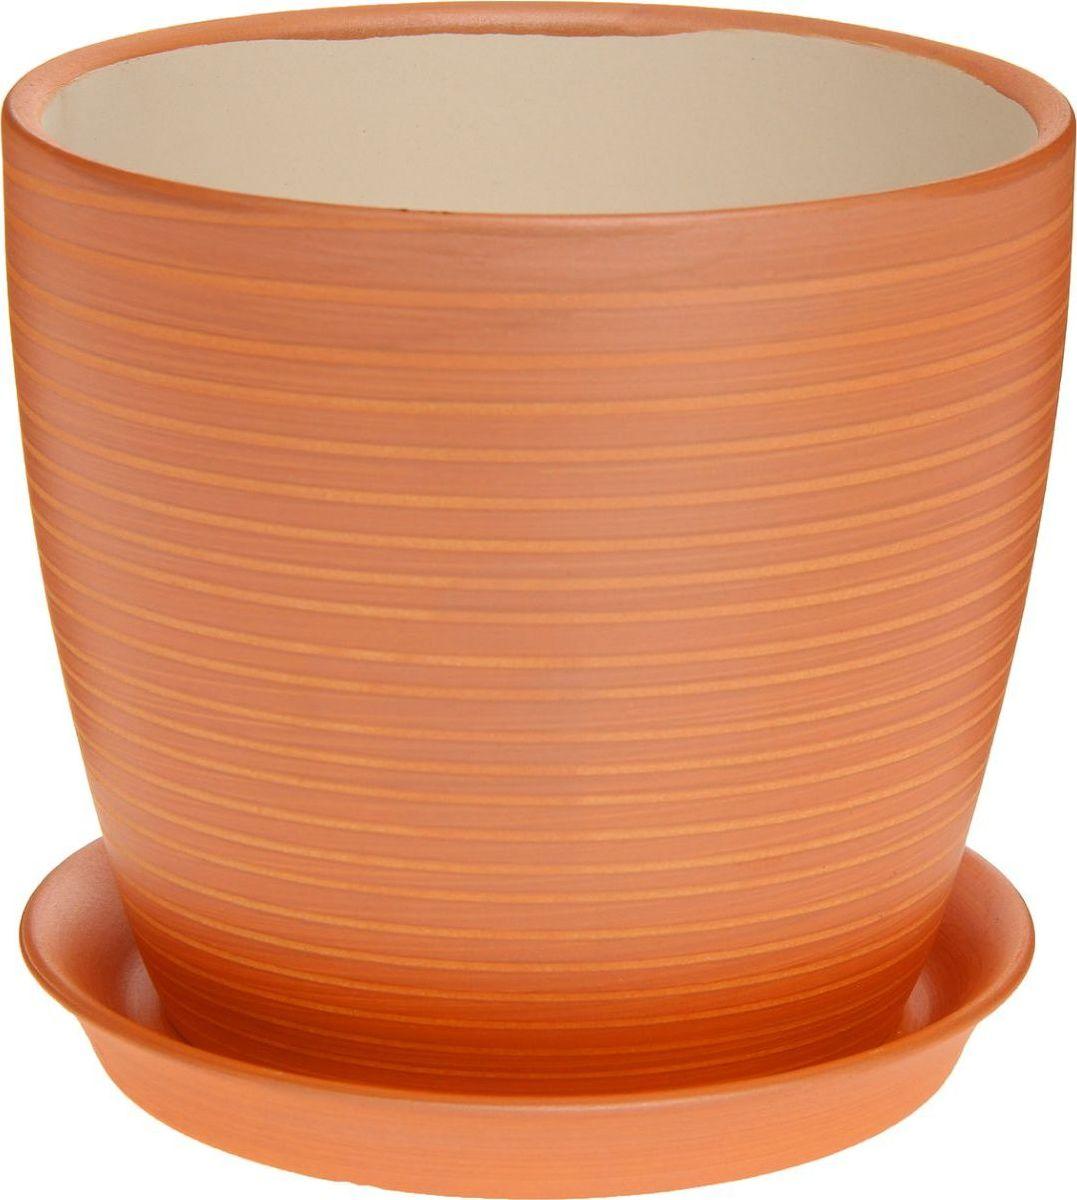 Кашпо Керамика ручной работы Осень. Радуга, цвет: карамельный, 2 л1170325Комнатные растения — всеобщие любимцы. Они радуют глаз, насыщают помещение кислородом и украшают пространство. Каждому из них необходим свой удобный и красивый дом. Кашпо из керамики прекрасно подходят для высадки растений: за счёт пластичности глины и разных способов обработки существует великое множество форм и дизайновпористый материал позволяет испаряться лишней влагевоздух, необходимый для дыхания корней, проникает сквозь керамические стенки! #name# позаботится о зелёном питомце, освежит интерьер и подчеркнёт его стиль.